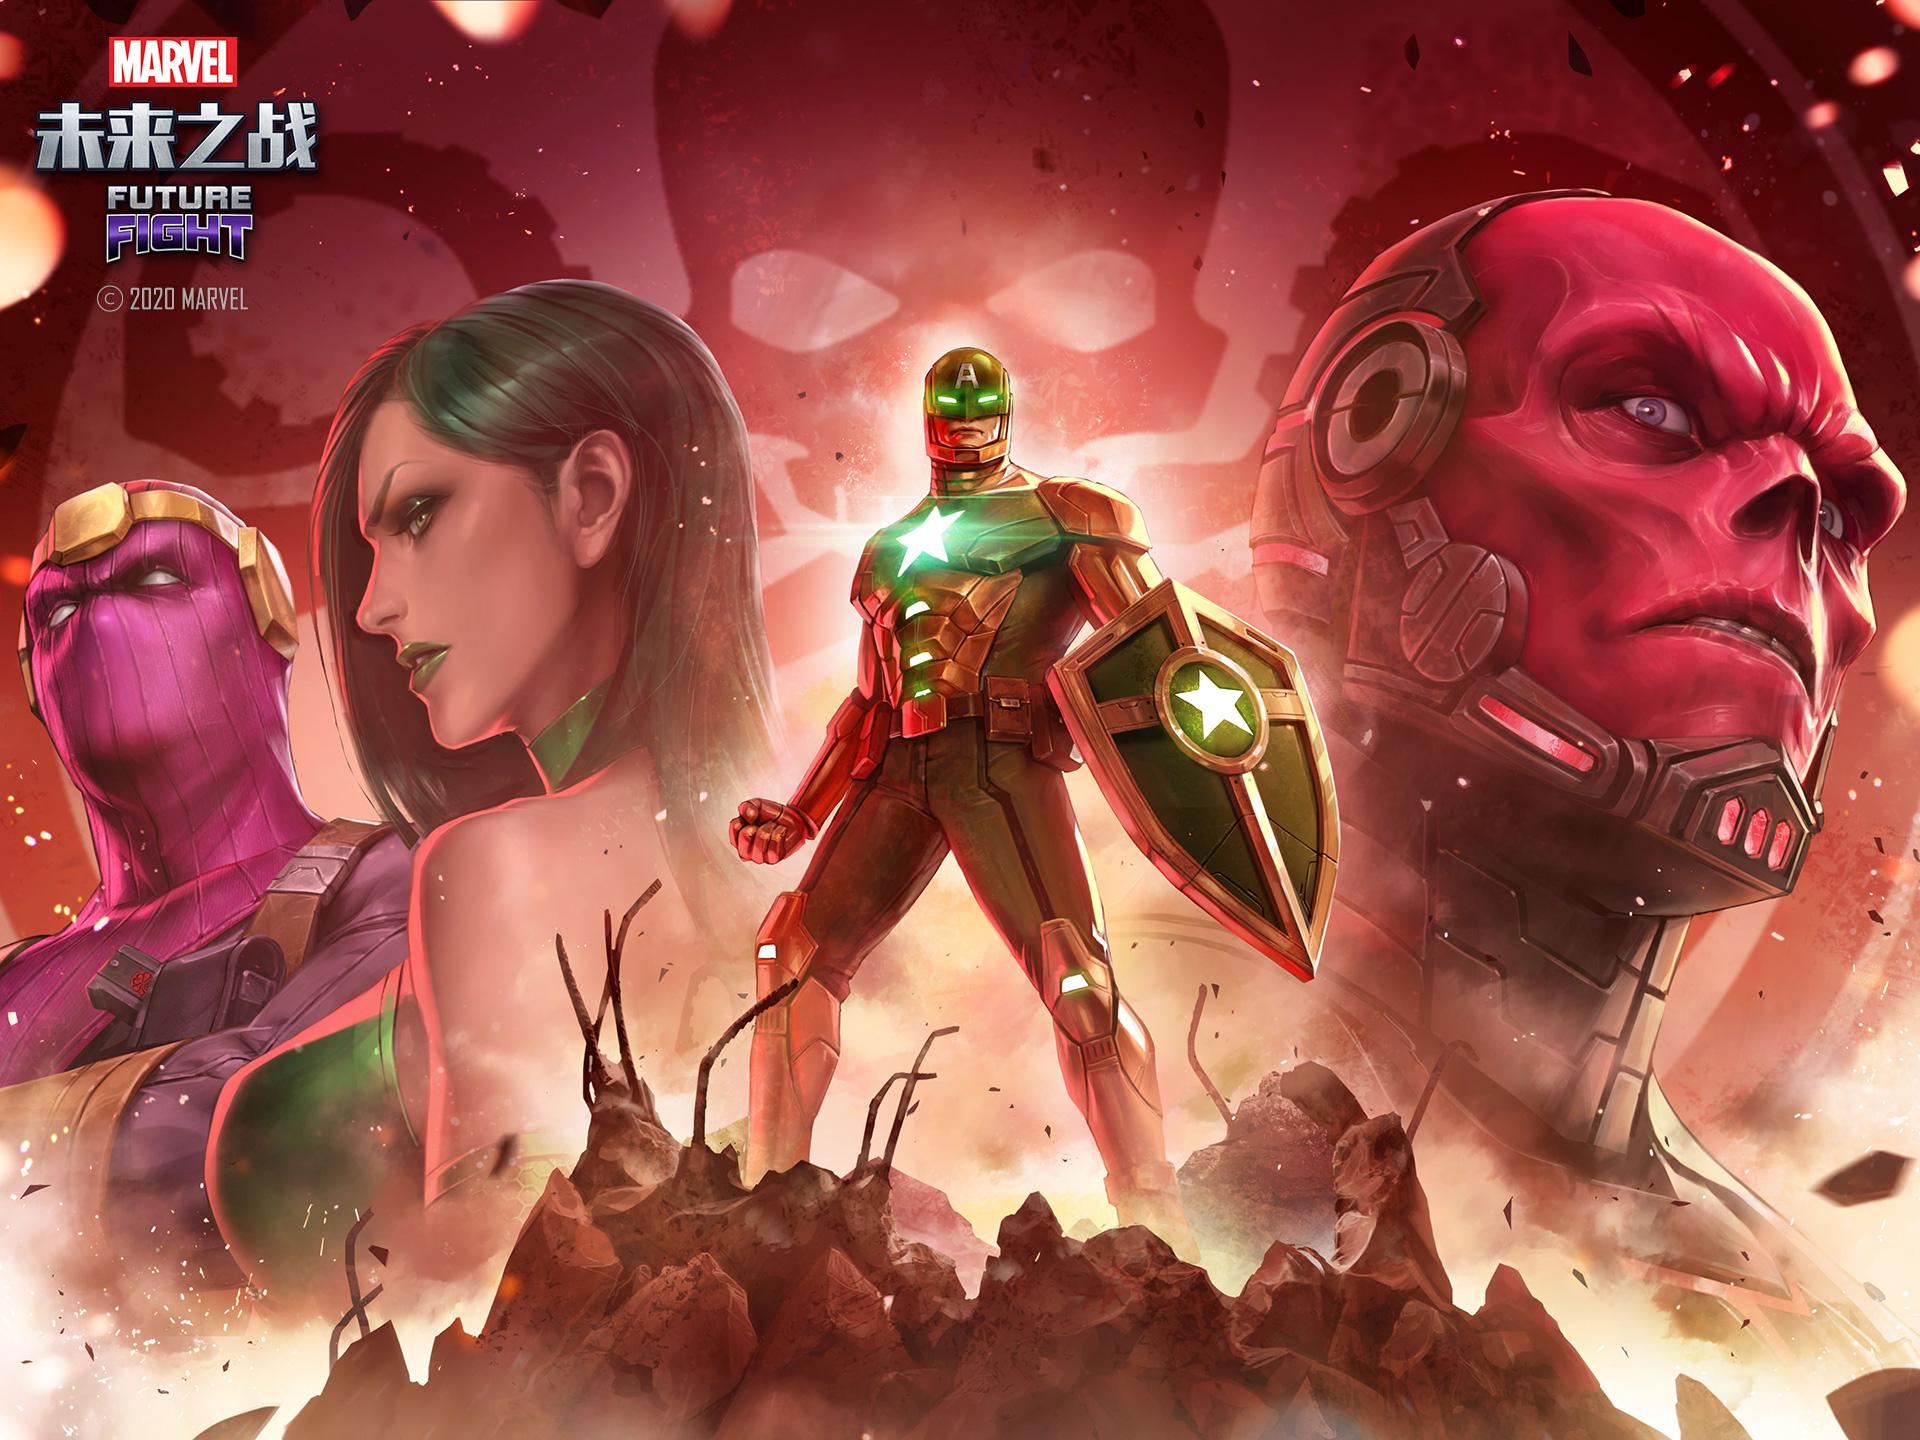 漫威:未来之战游戏截图